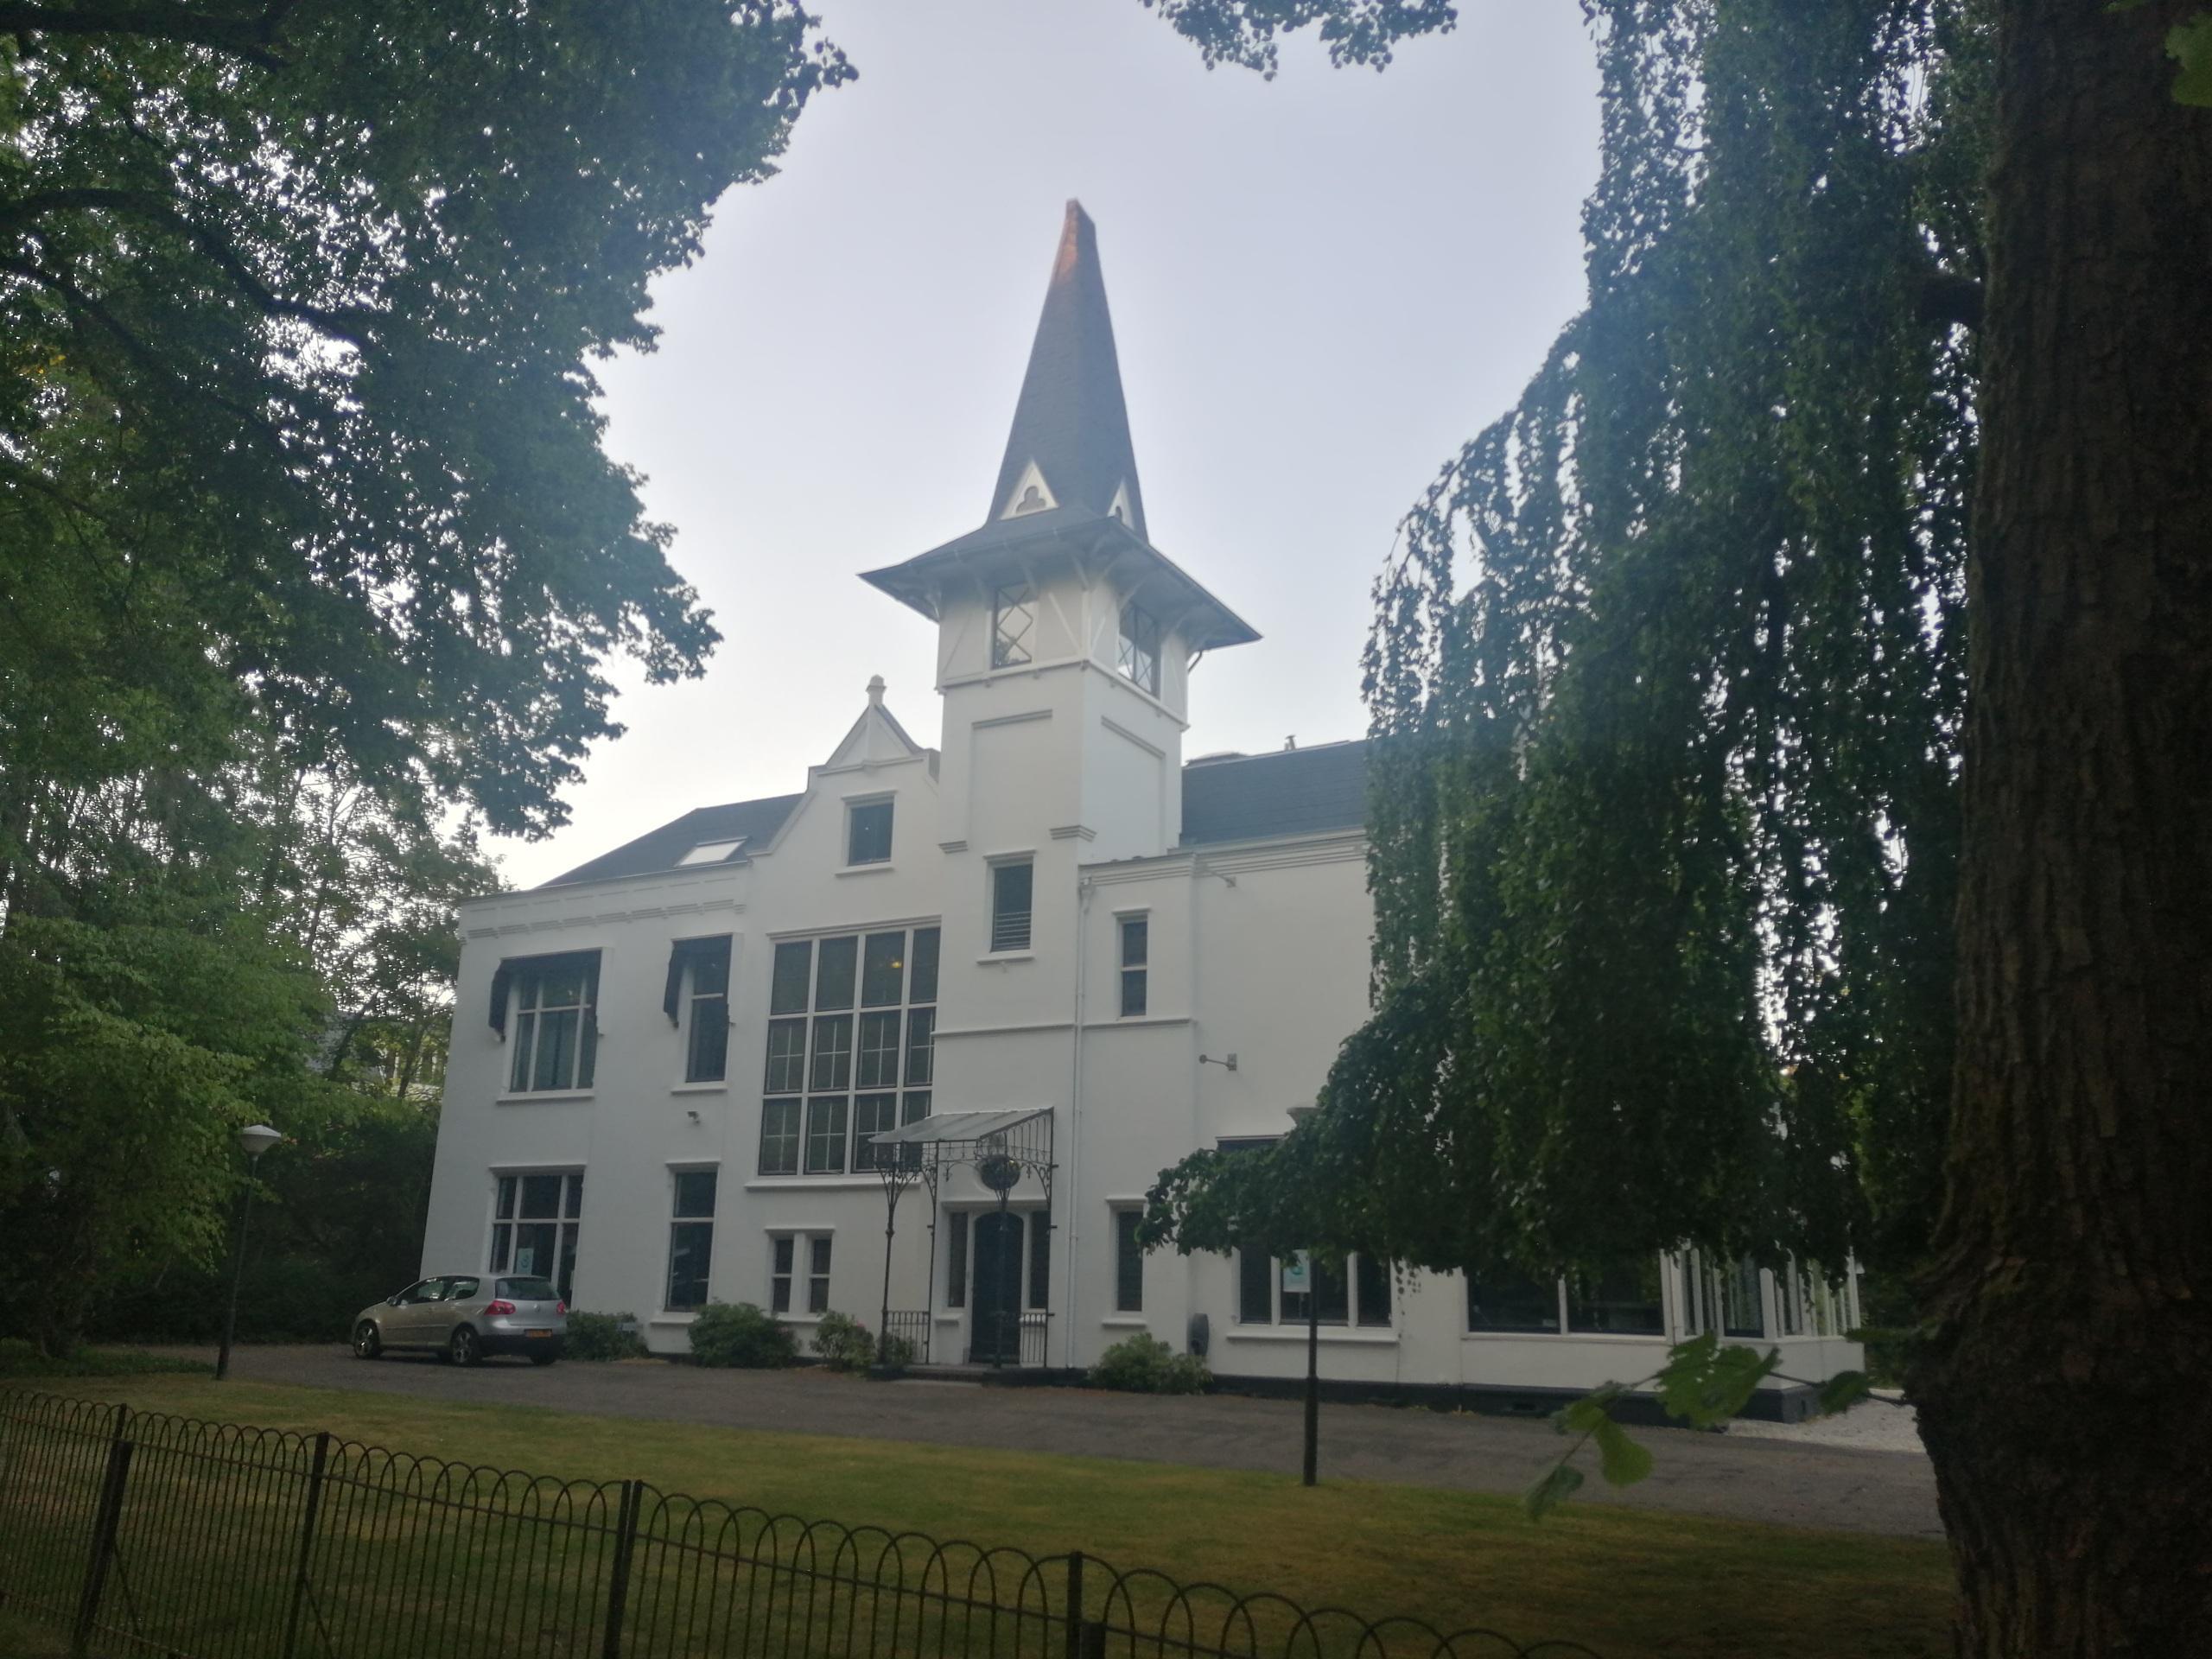 Baarnse kantoorvilla Medan (1886) wordt mogelijk weer een woonhuis: een villa met een verleden